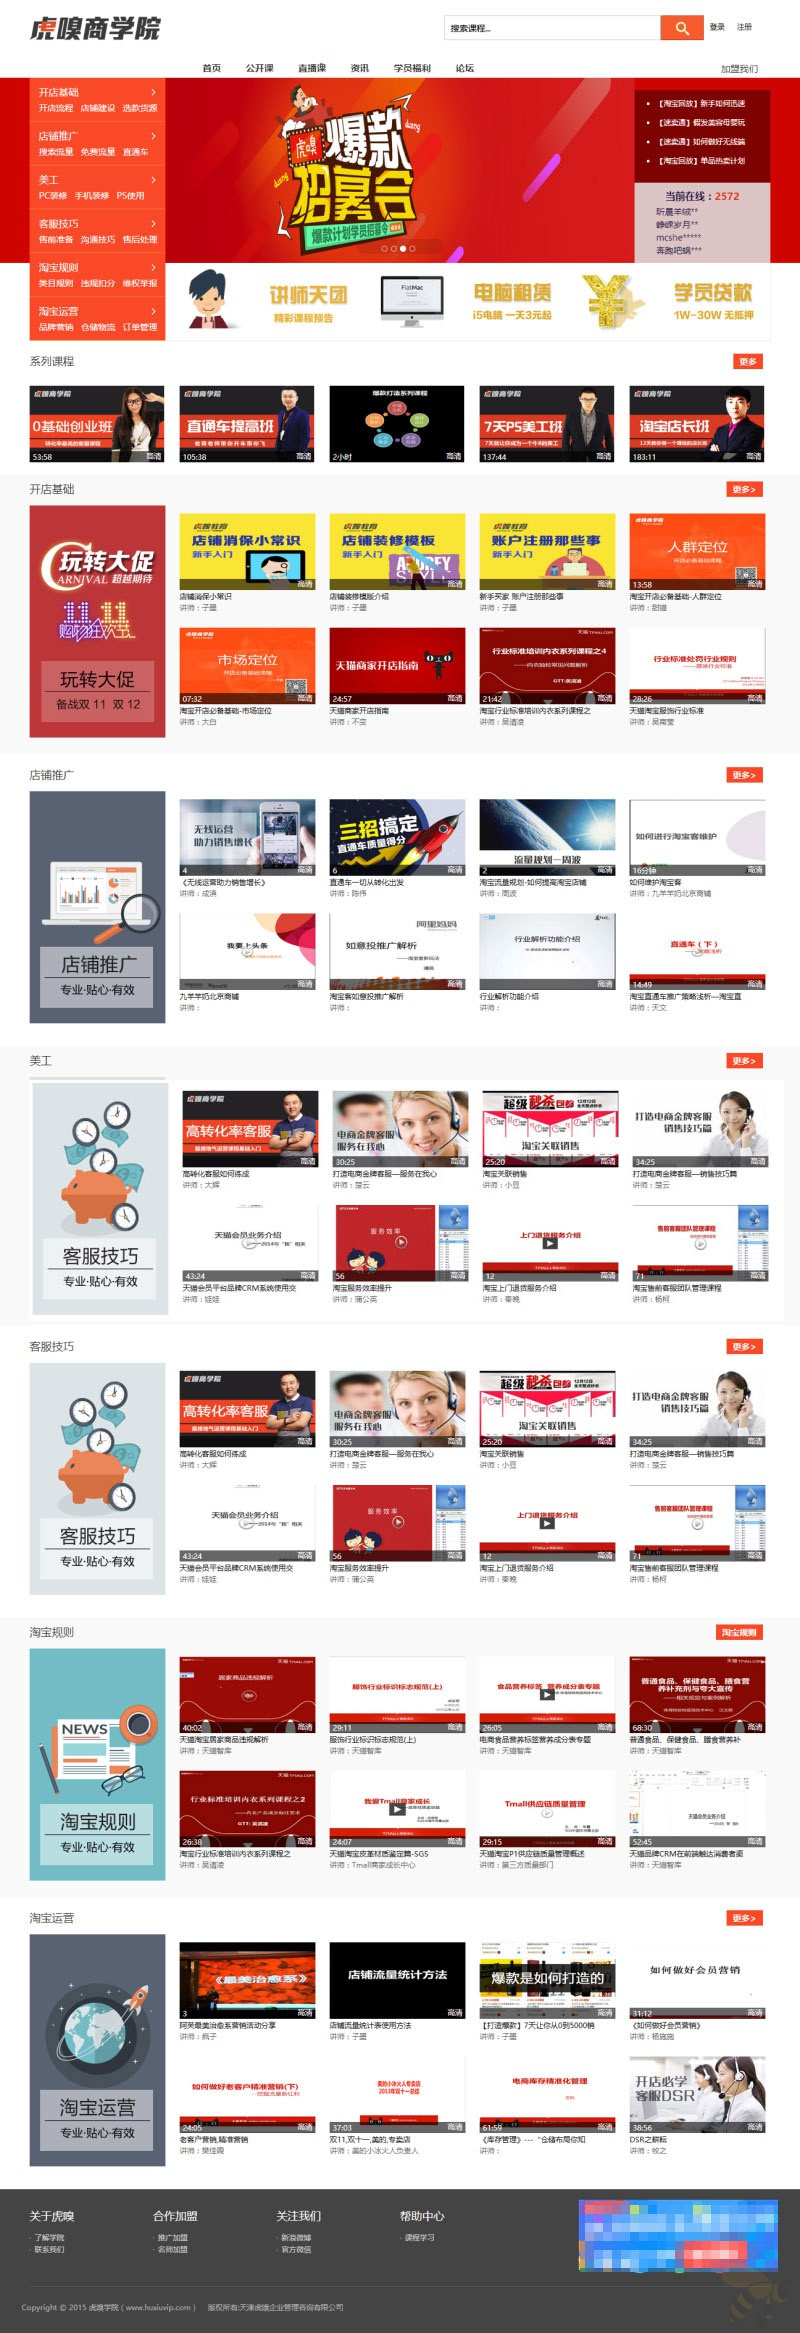 织梦dedecms仿虎嗅商学院在线视频教育门户网站模板,PHP在线教育平台网站源码下载